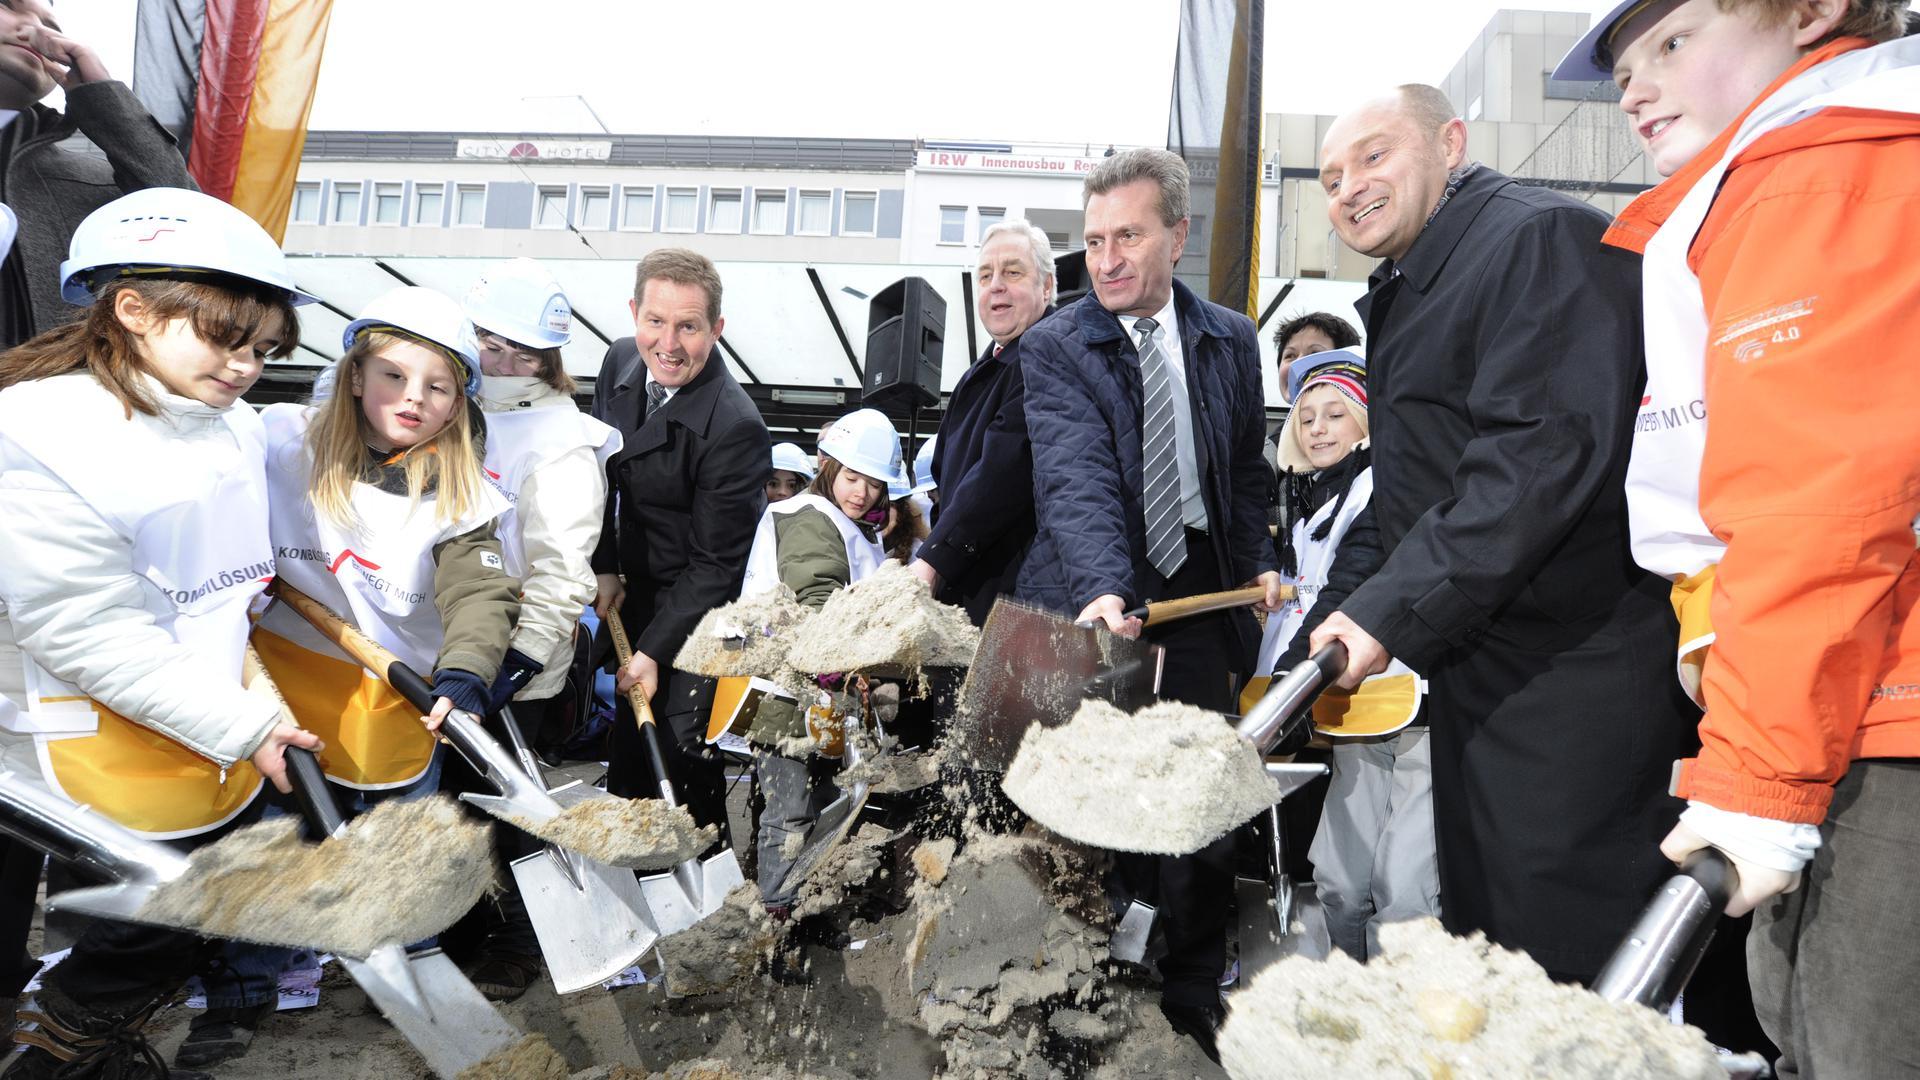 Schüler sowie Walter Casazza, Heinz Fenrich, Günther Oettinger und Rainer Bomba halten beim Spatenstich für die Kombilösung Karlsruhe Schaufeln in der Hand.